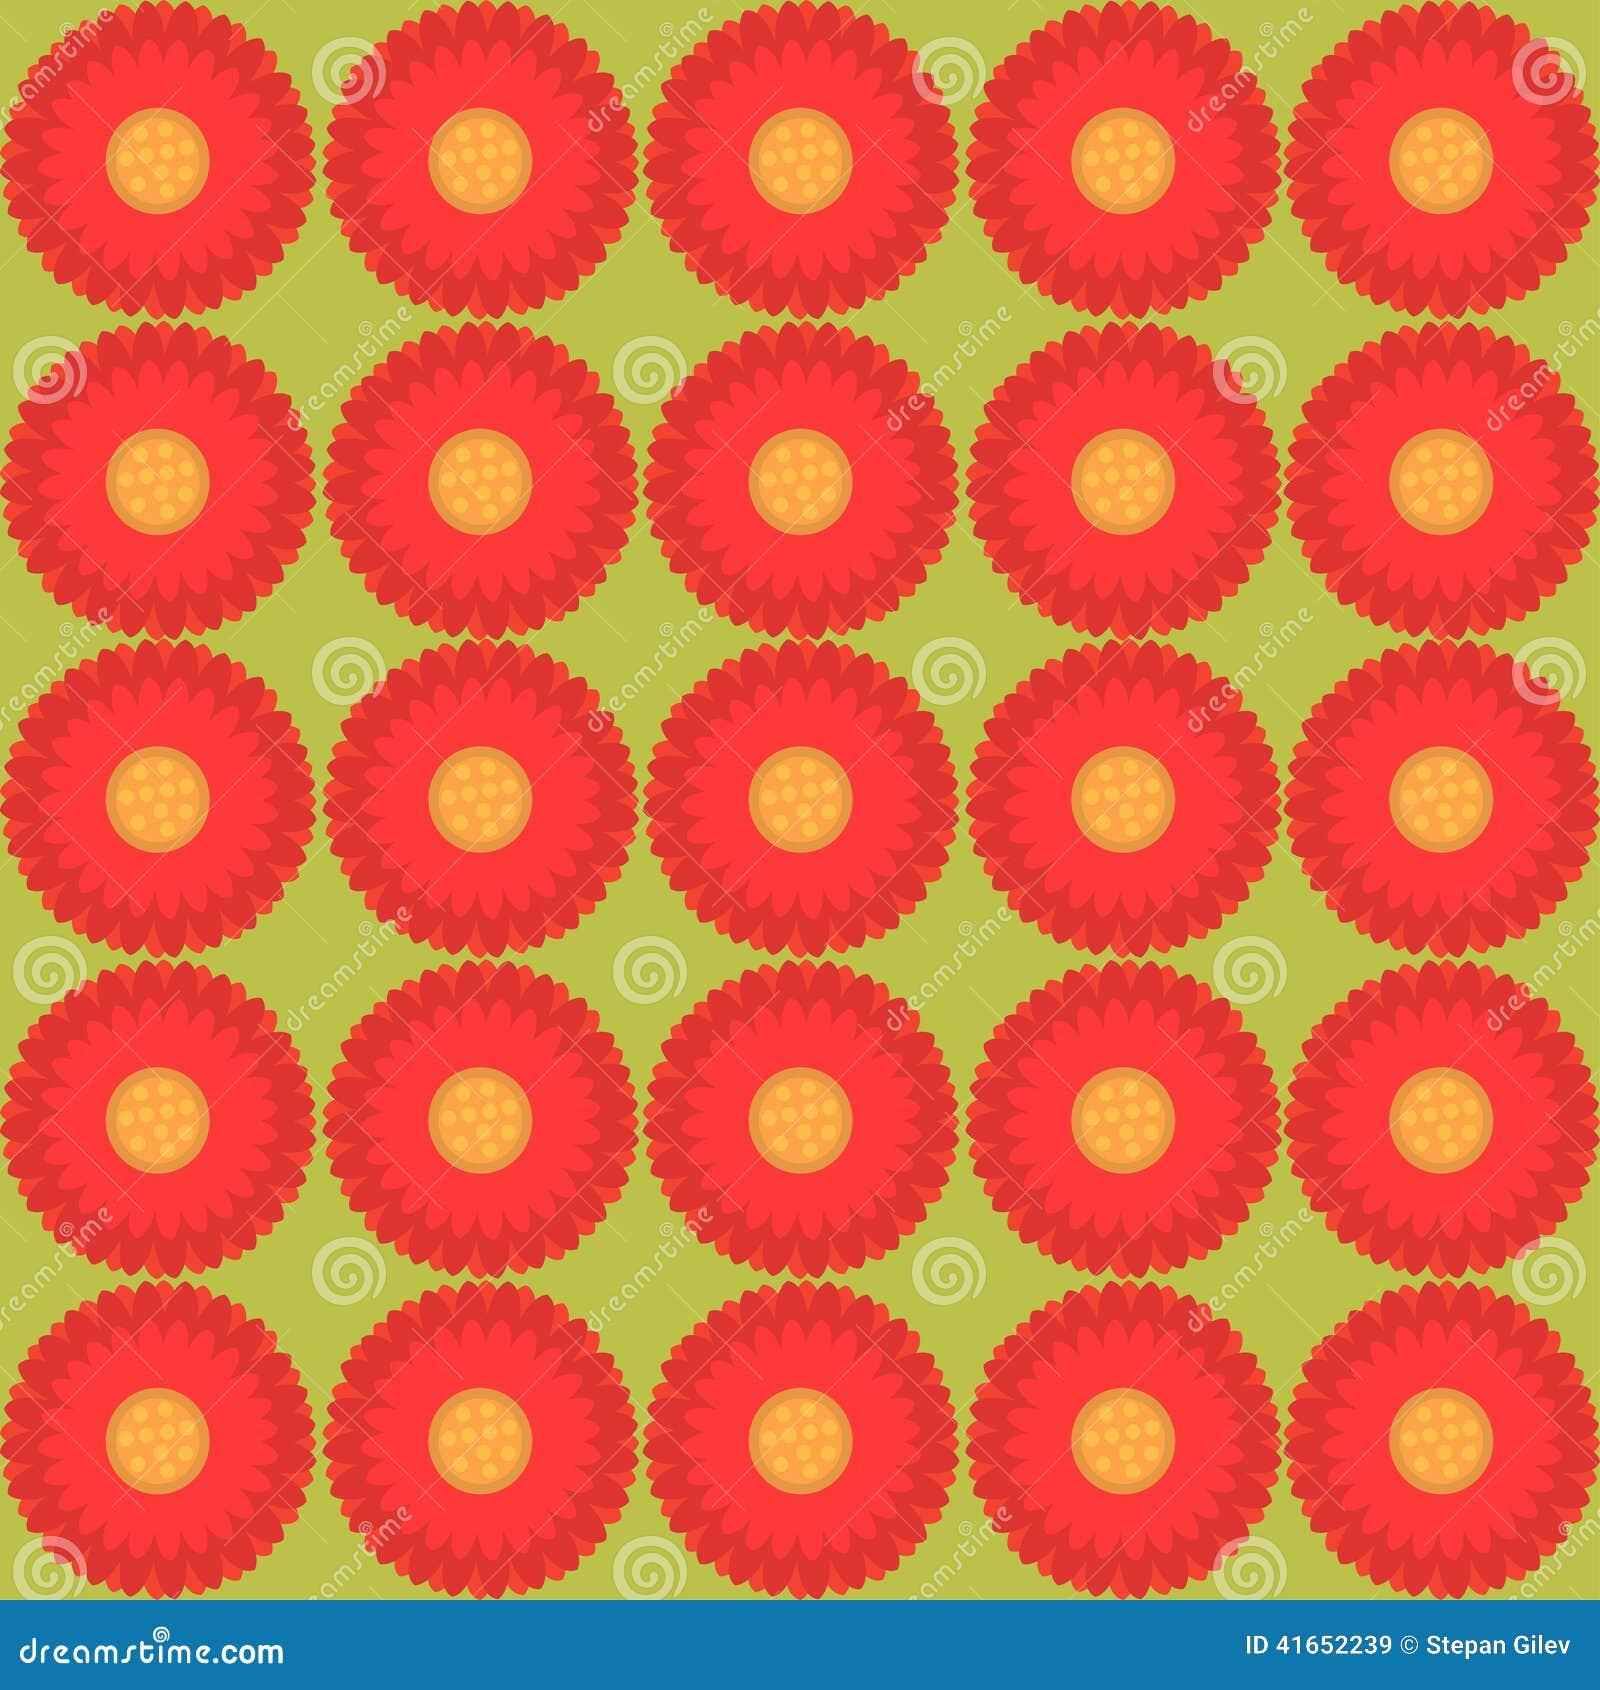 Цветочный узор - текстура иллюстрации безшовная